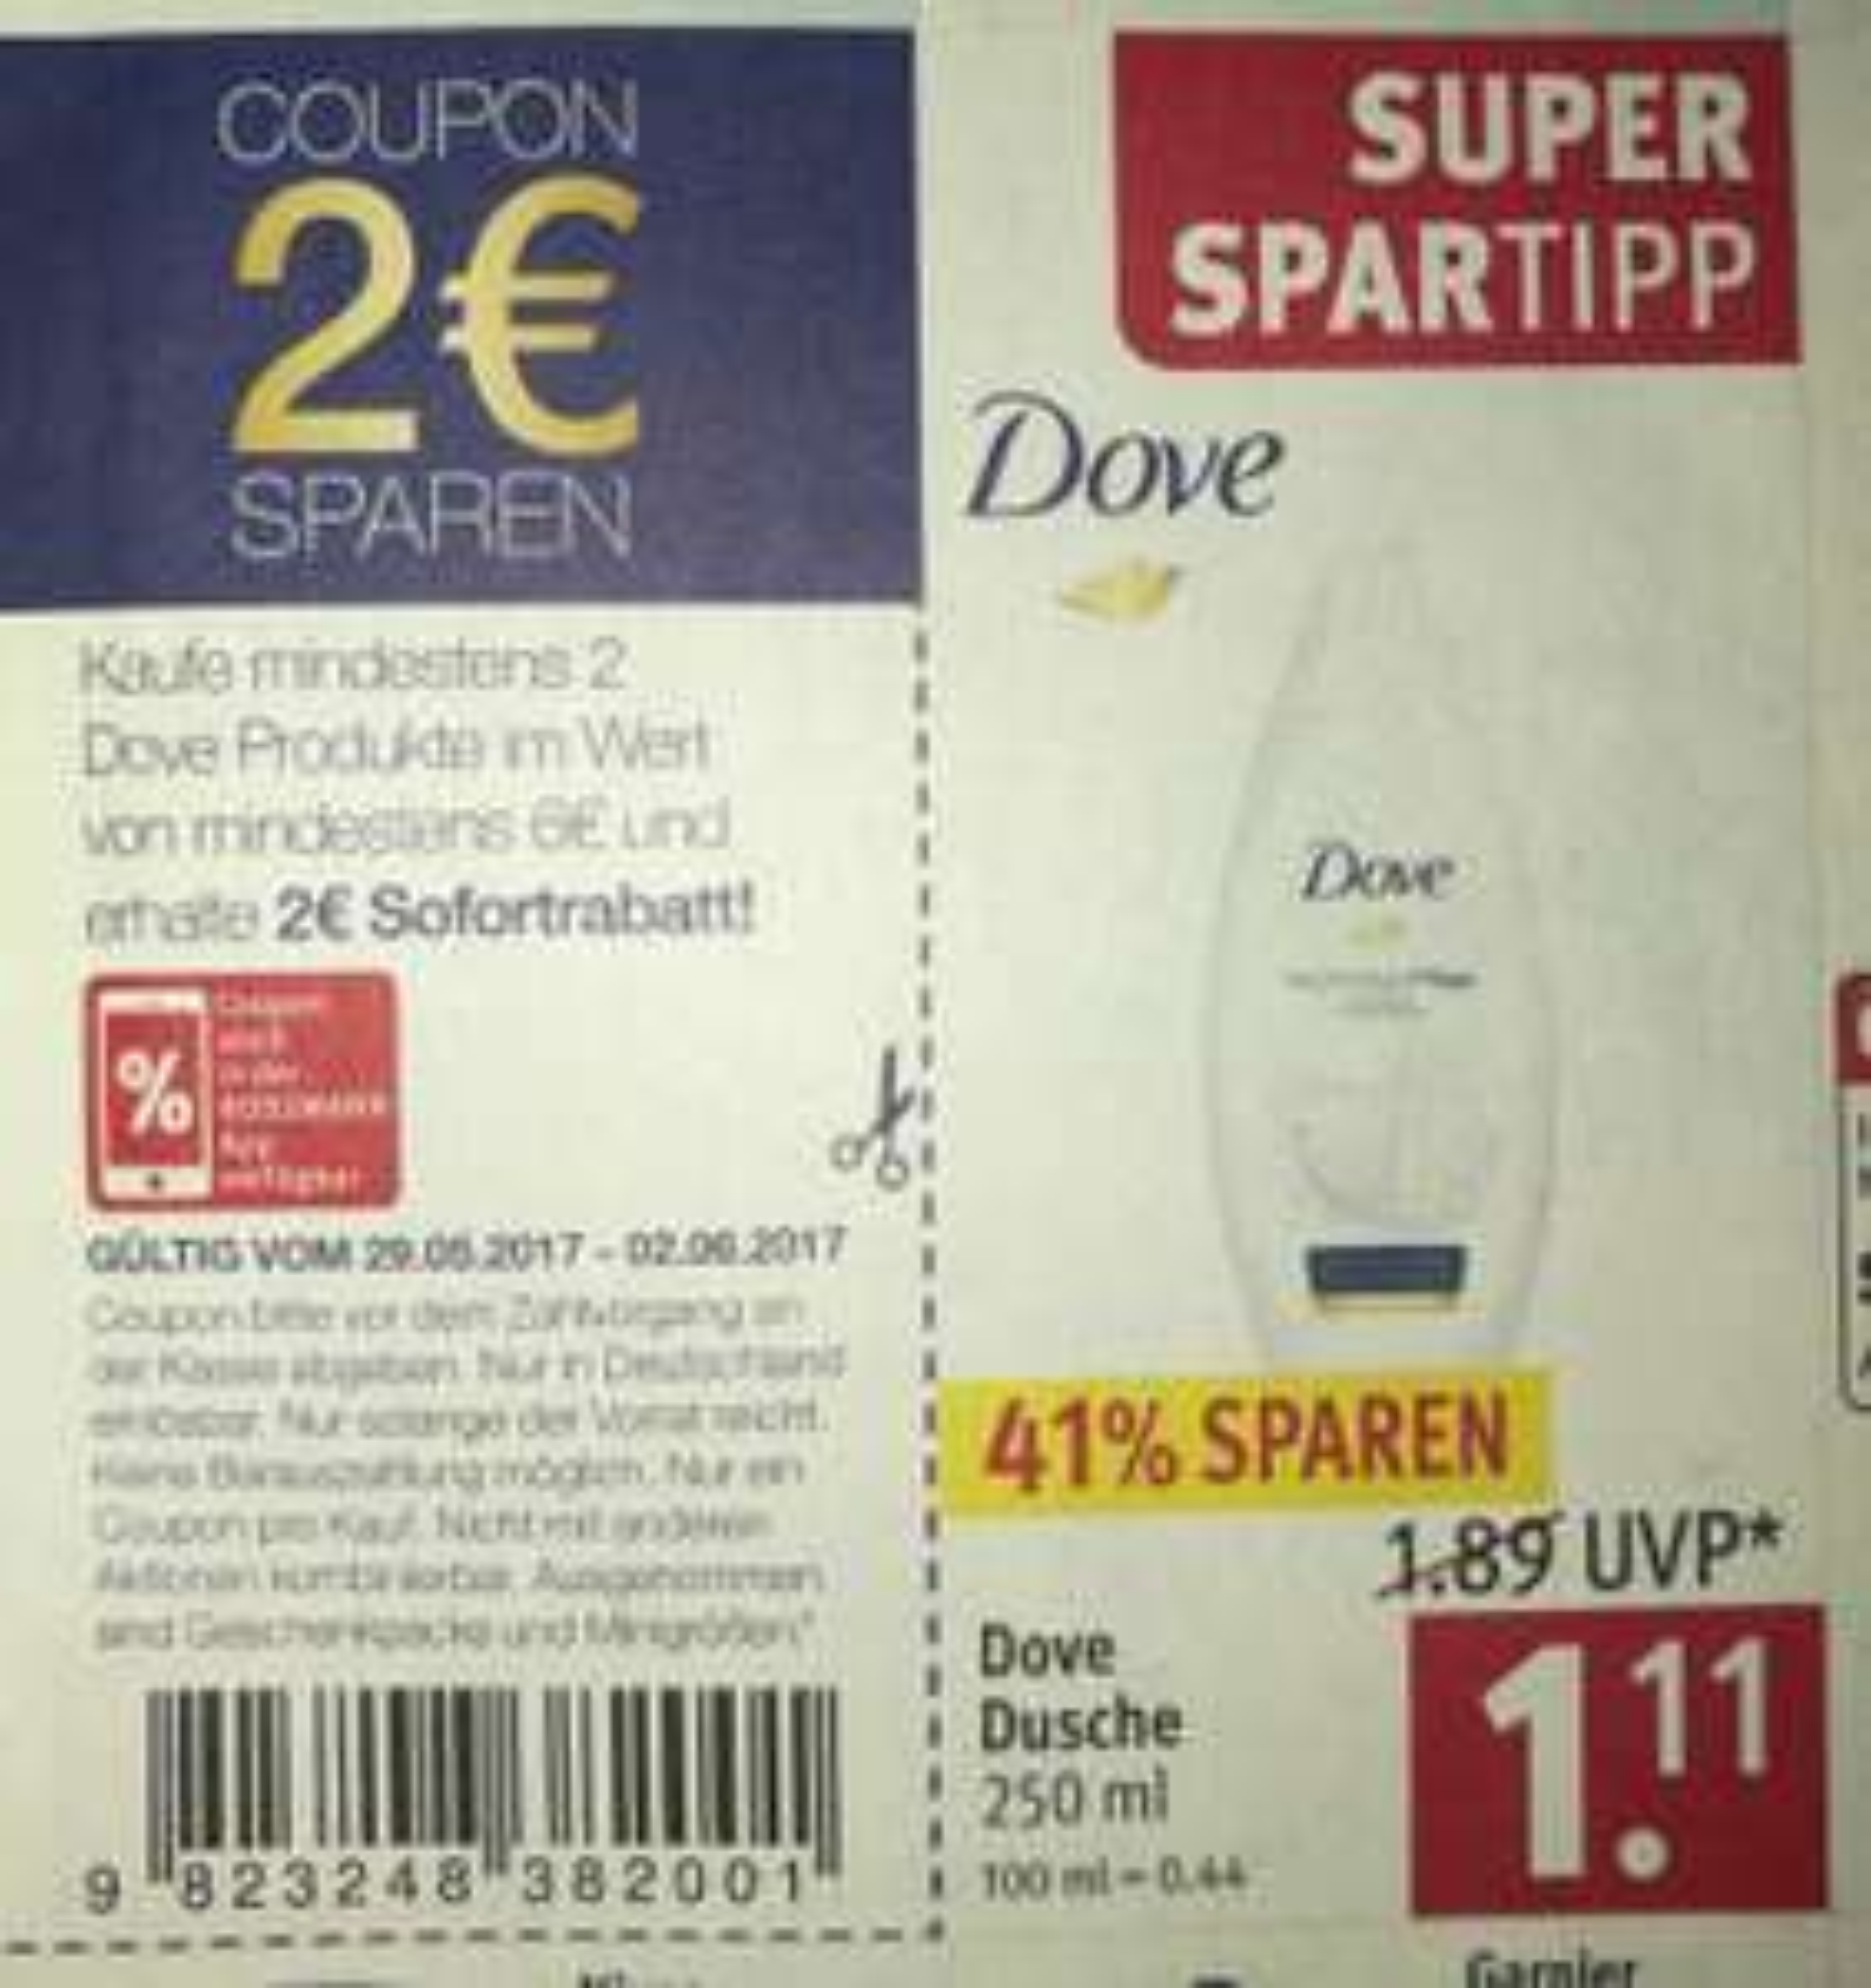 Dove Dusche (Rossmann) 77 cent/70 cent